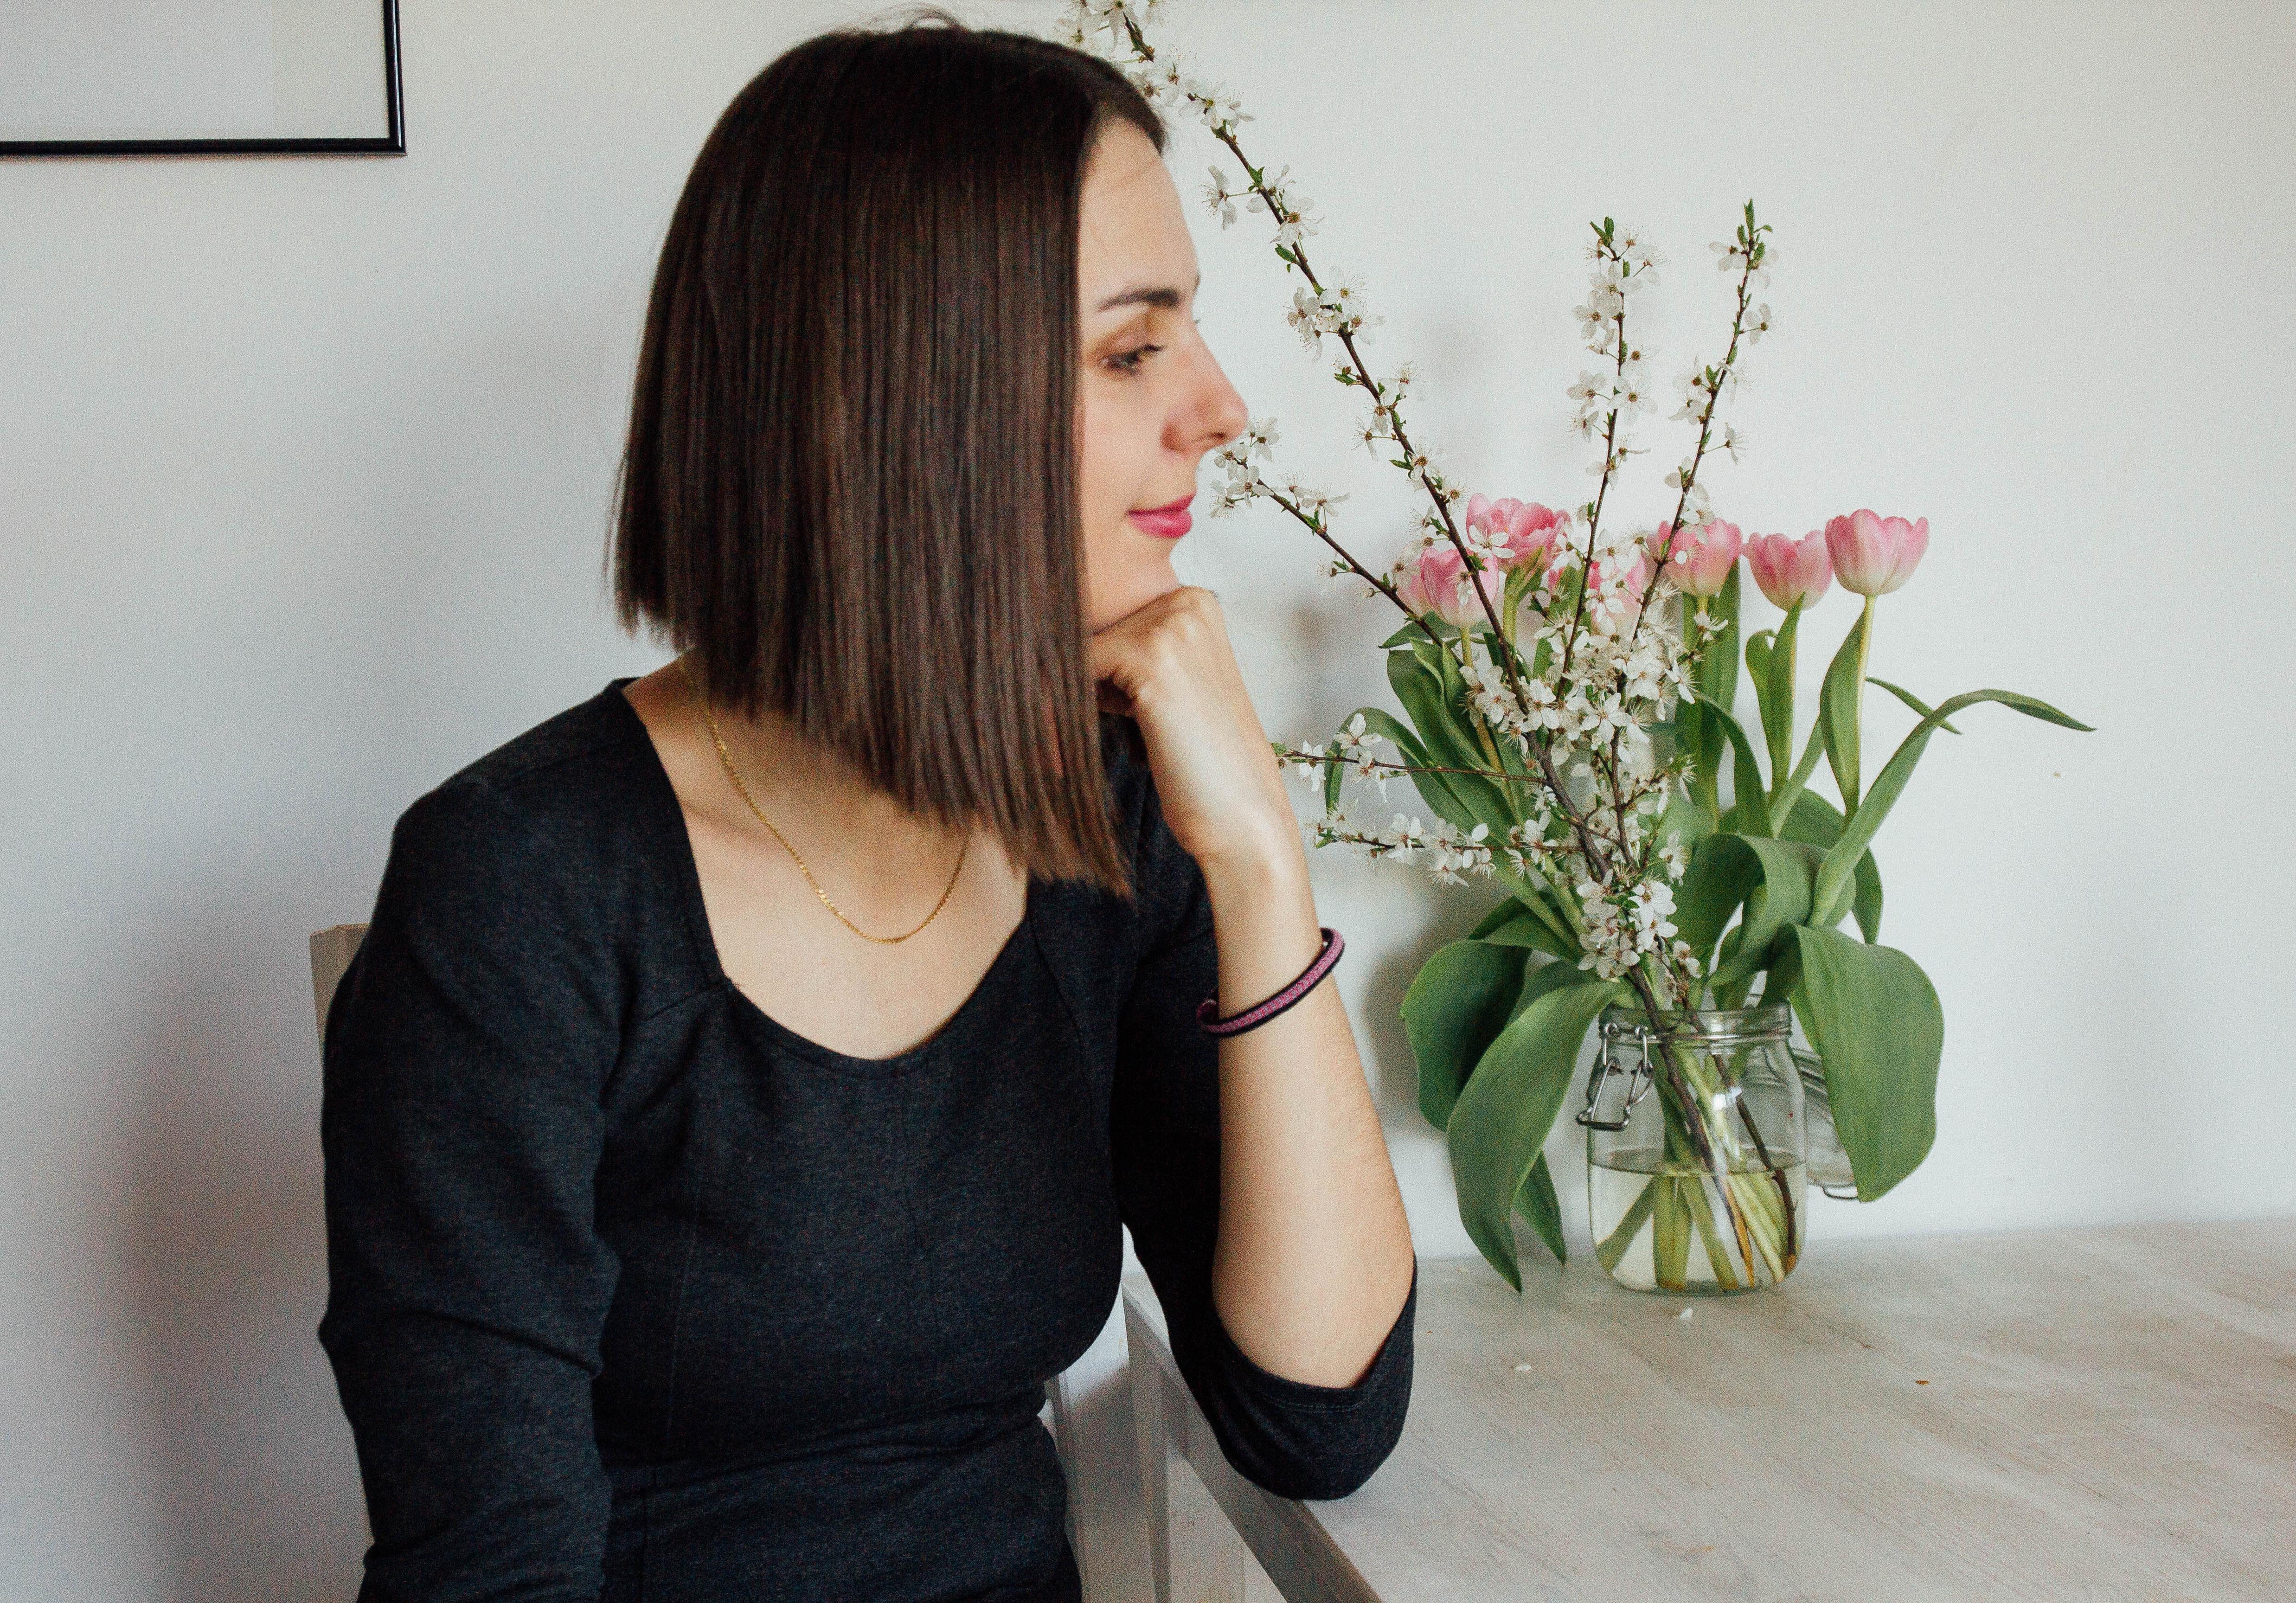 Blog specjalistyczny – od czego zacząć i jak się za niego zabrać